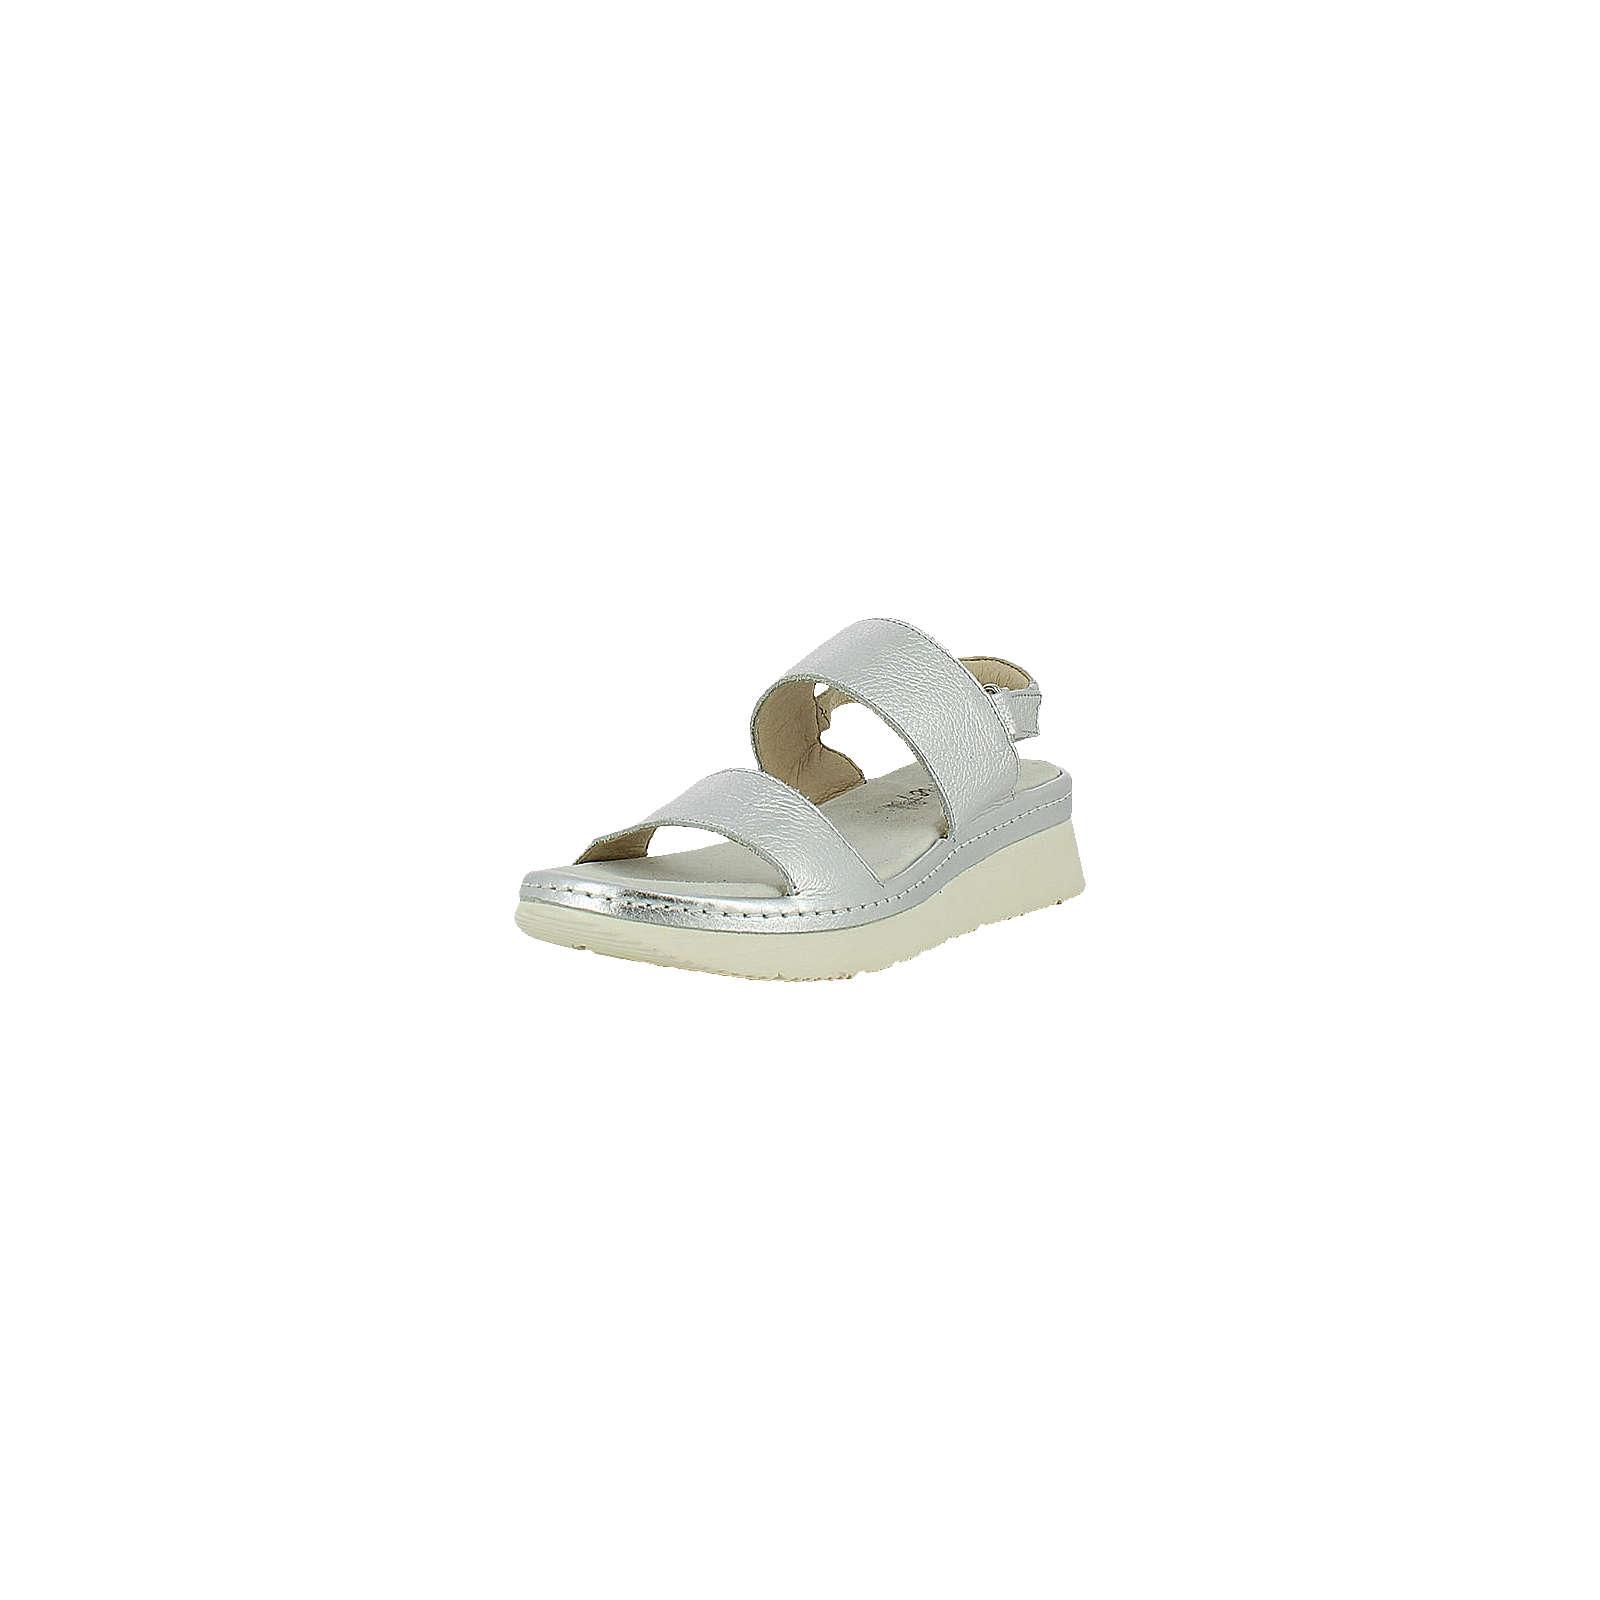 MANAS Sandaletten silber Damen Gr. 41